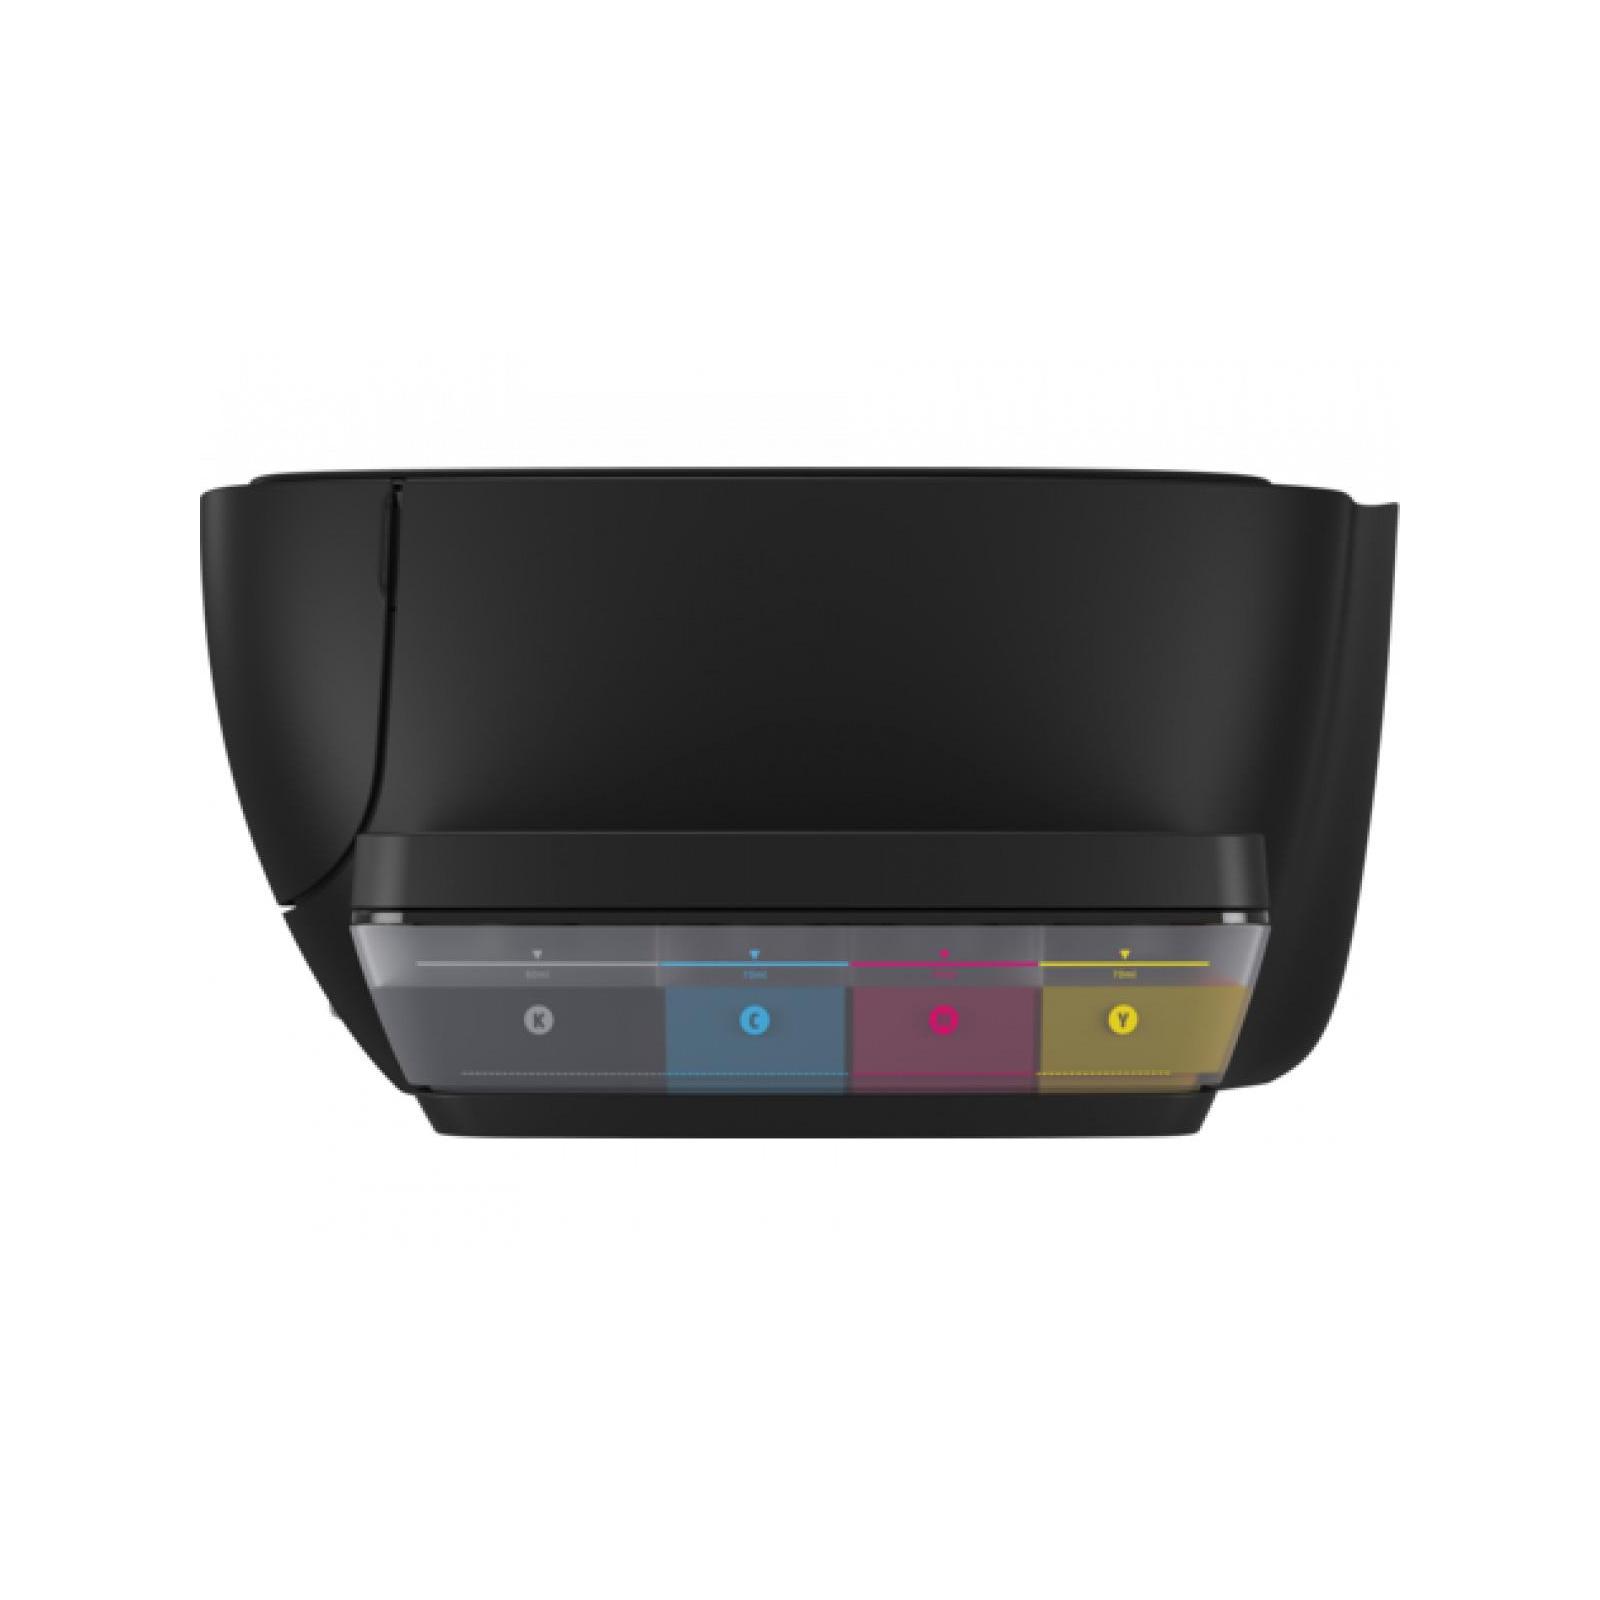 Многофункциональное устройство HP Ink Tank 415 c Wi-Fi (Z4B53A) изображение 5